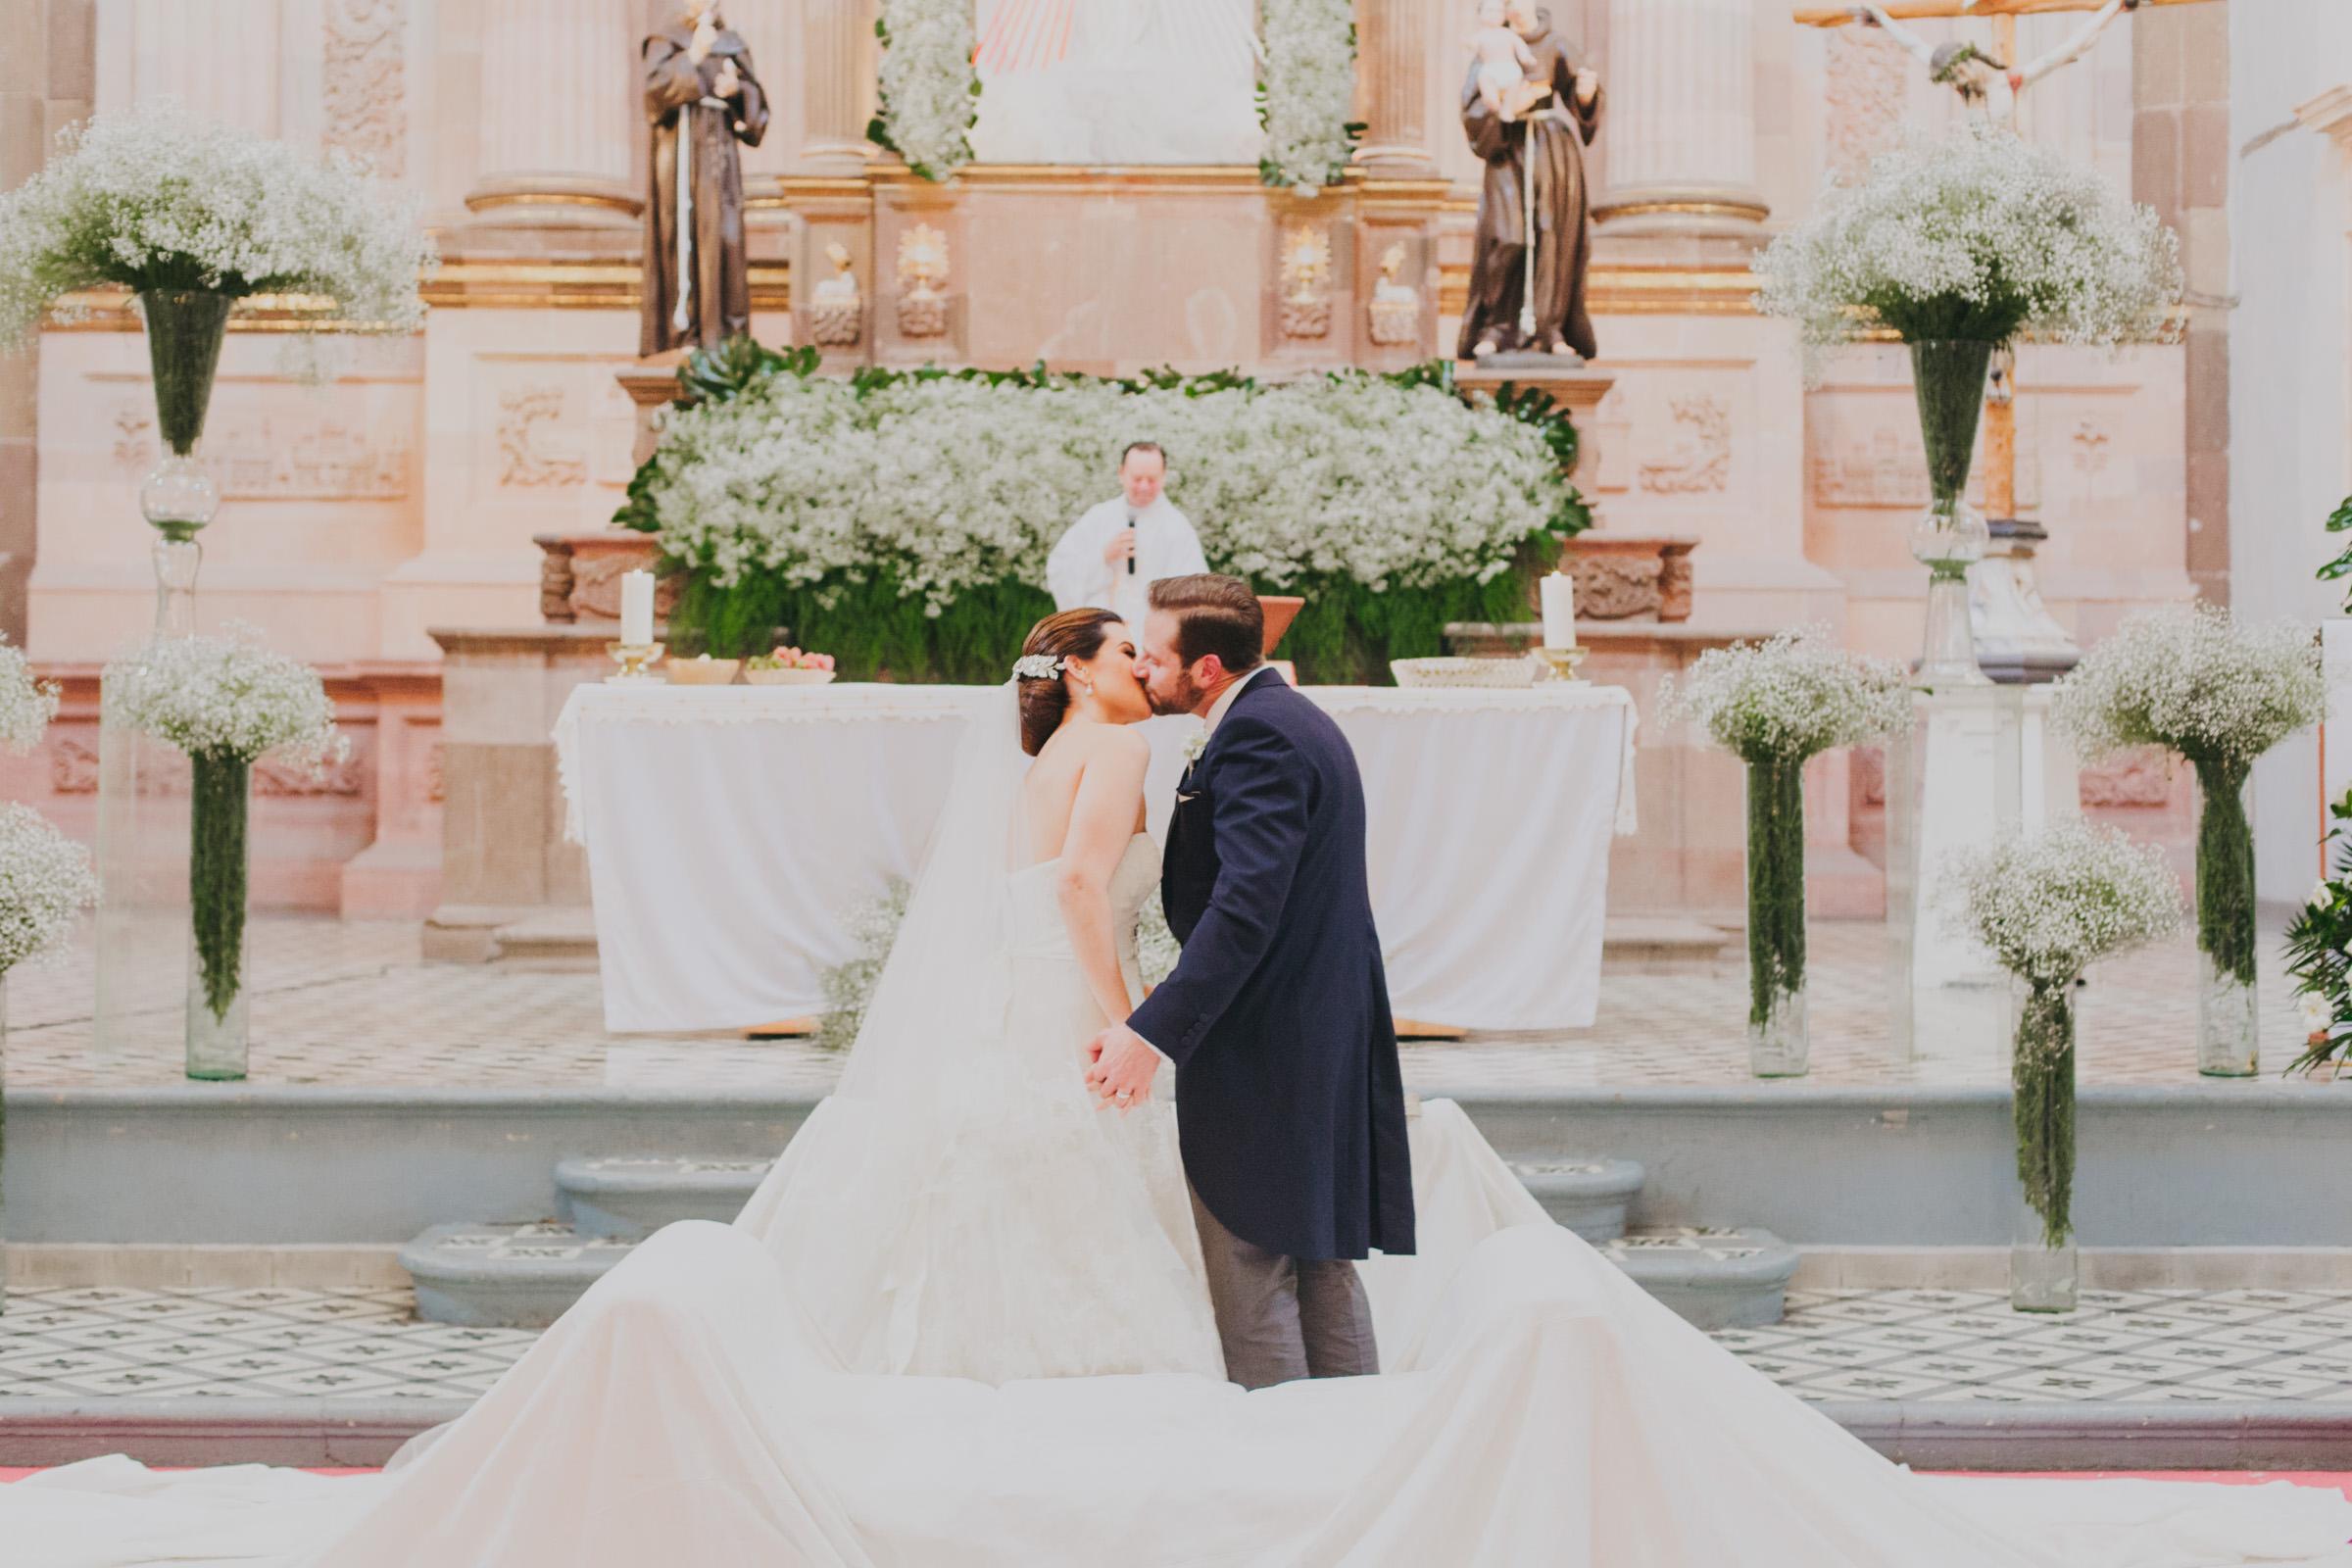 San-Miguel-de-Allende-Mexico-Wedding-Photographer-Rancho-Las-Sabinas-0131.JPG